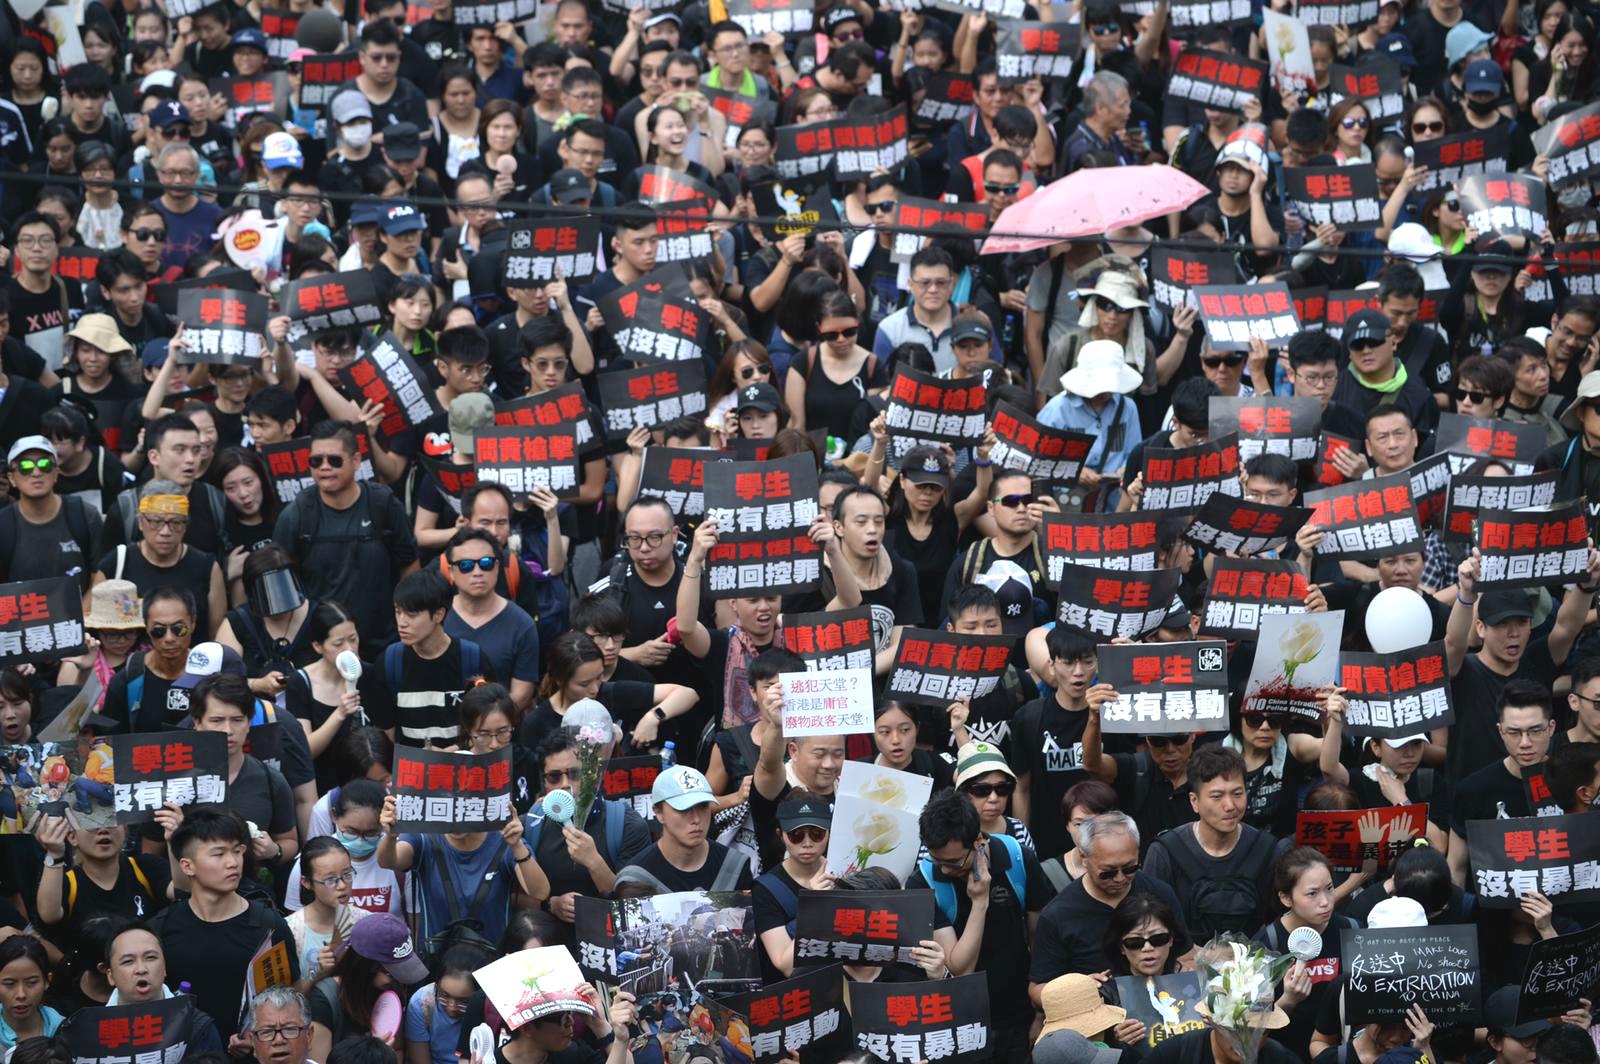 巴切萊特認同政府因應大規模示威作出讓步。資料圖片